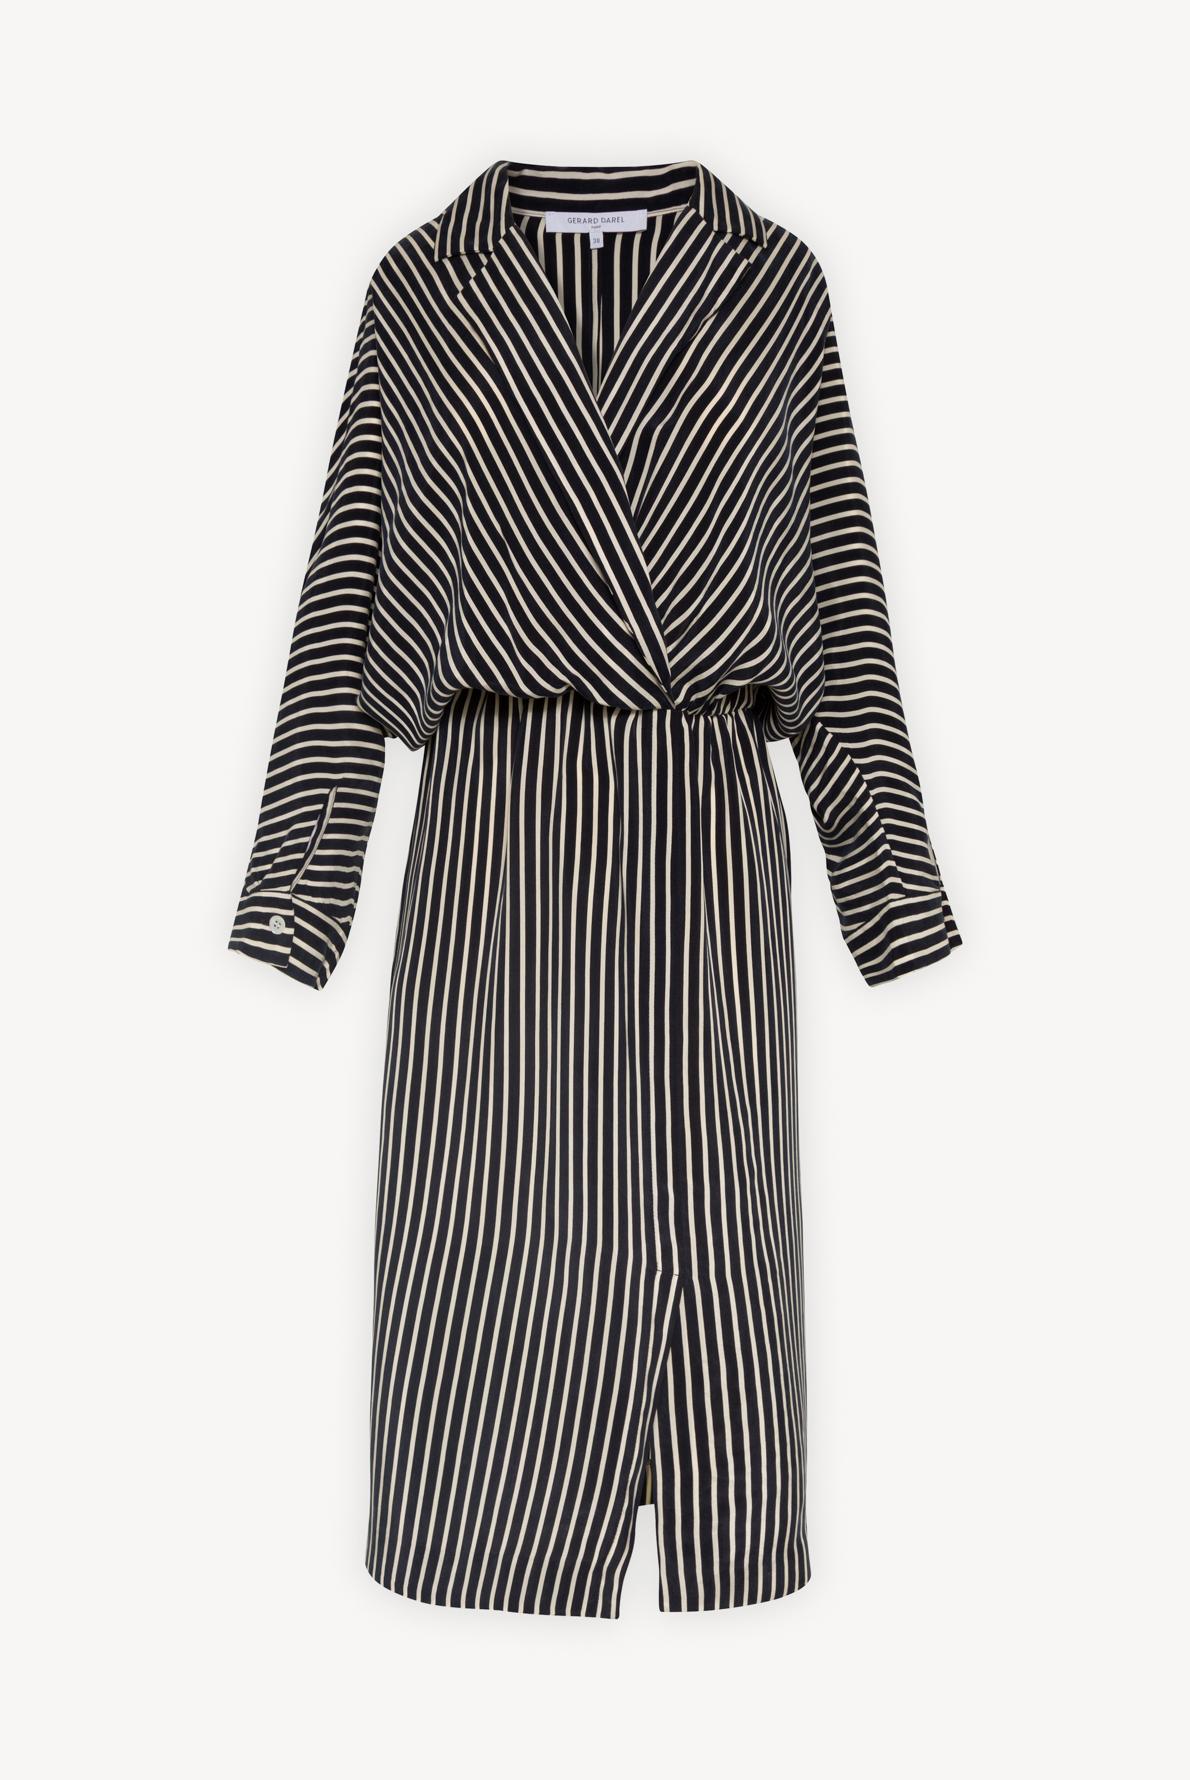 STELLA - Полосатое платье с запахом длины миди